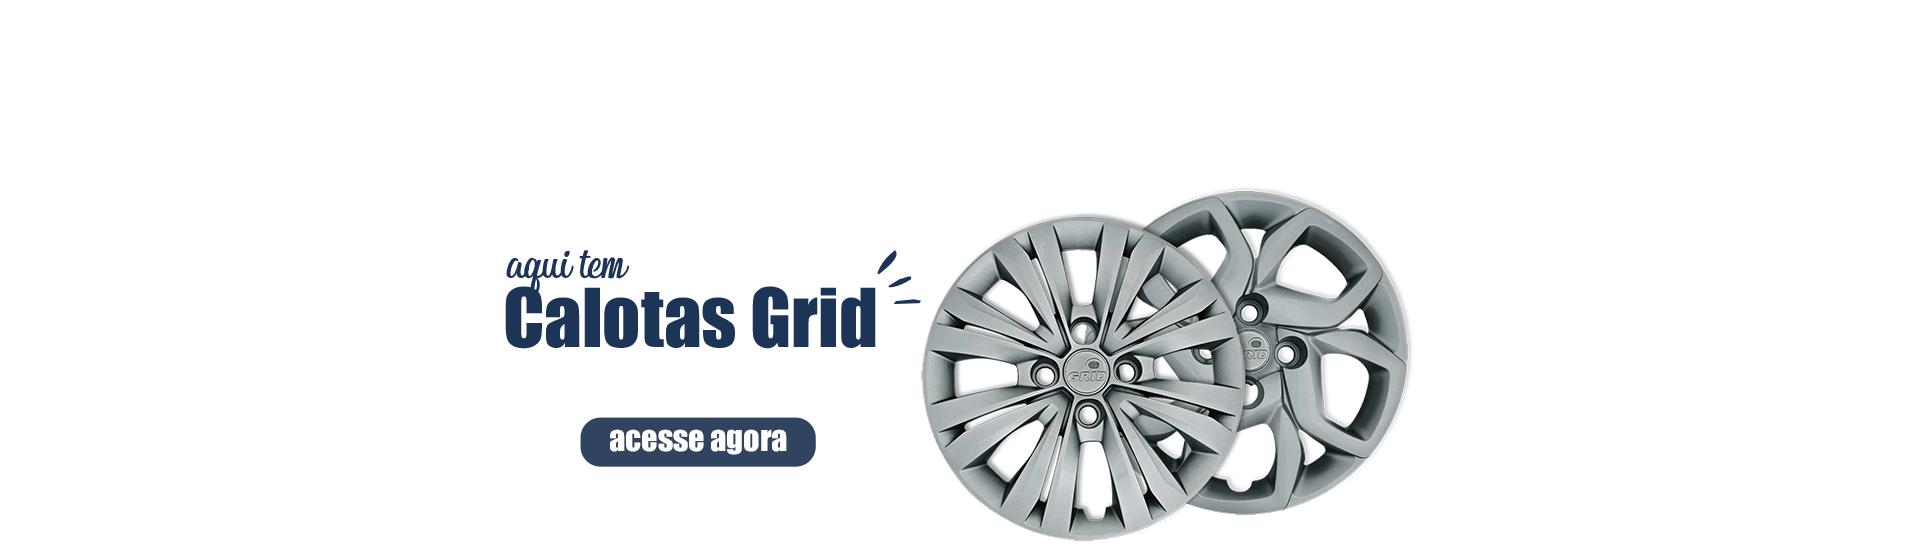 Calotas Grid